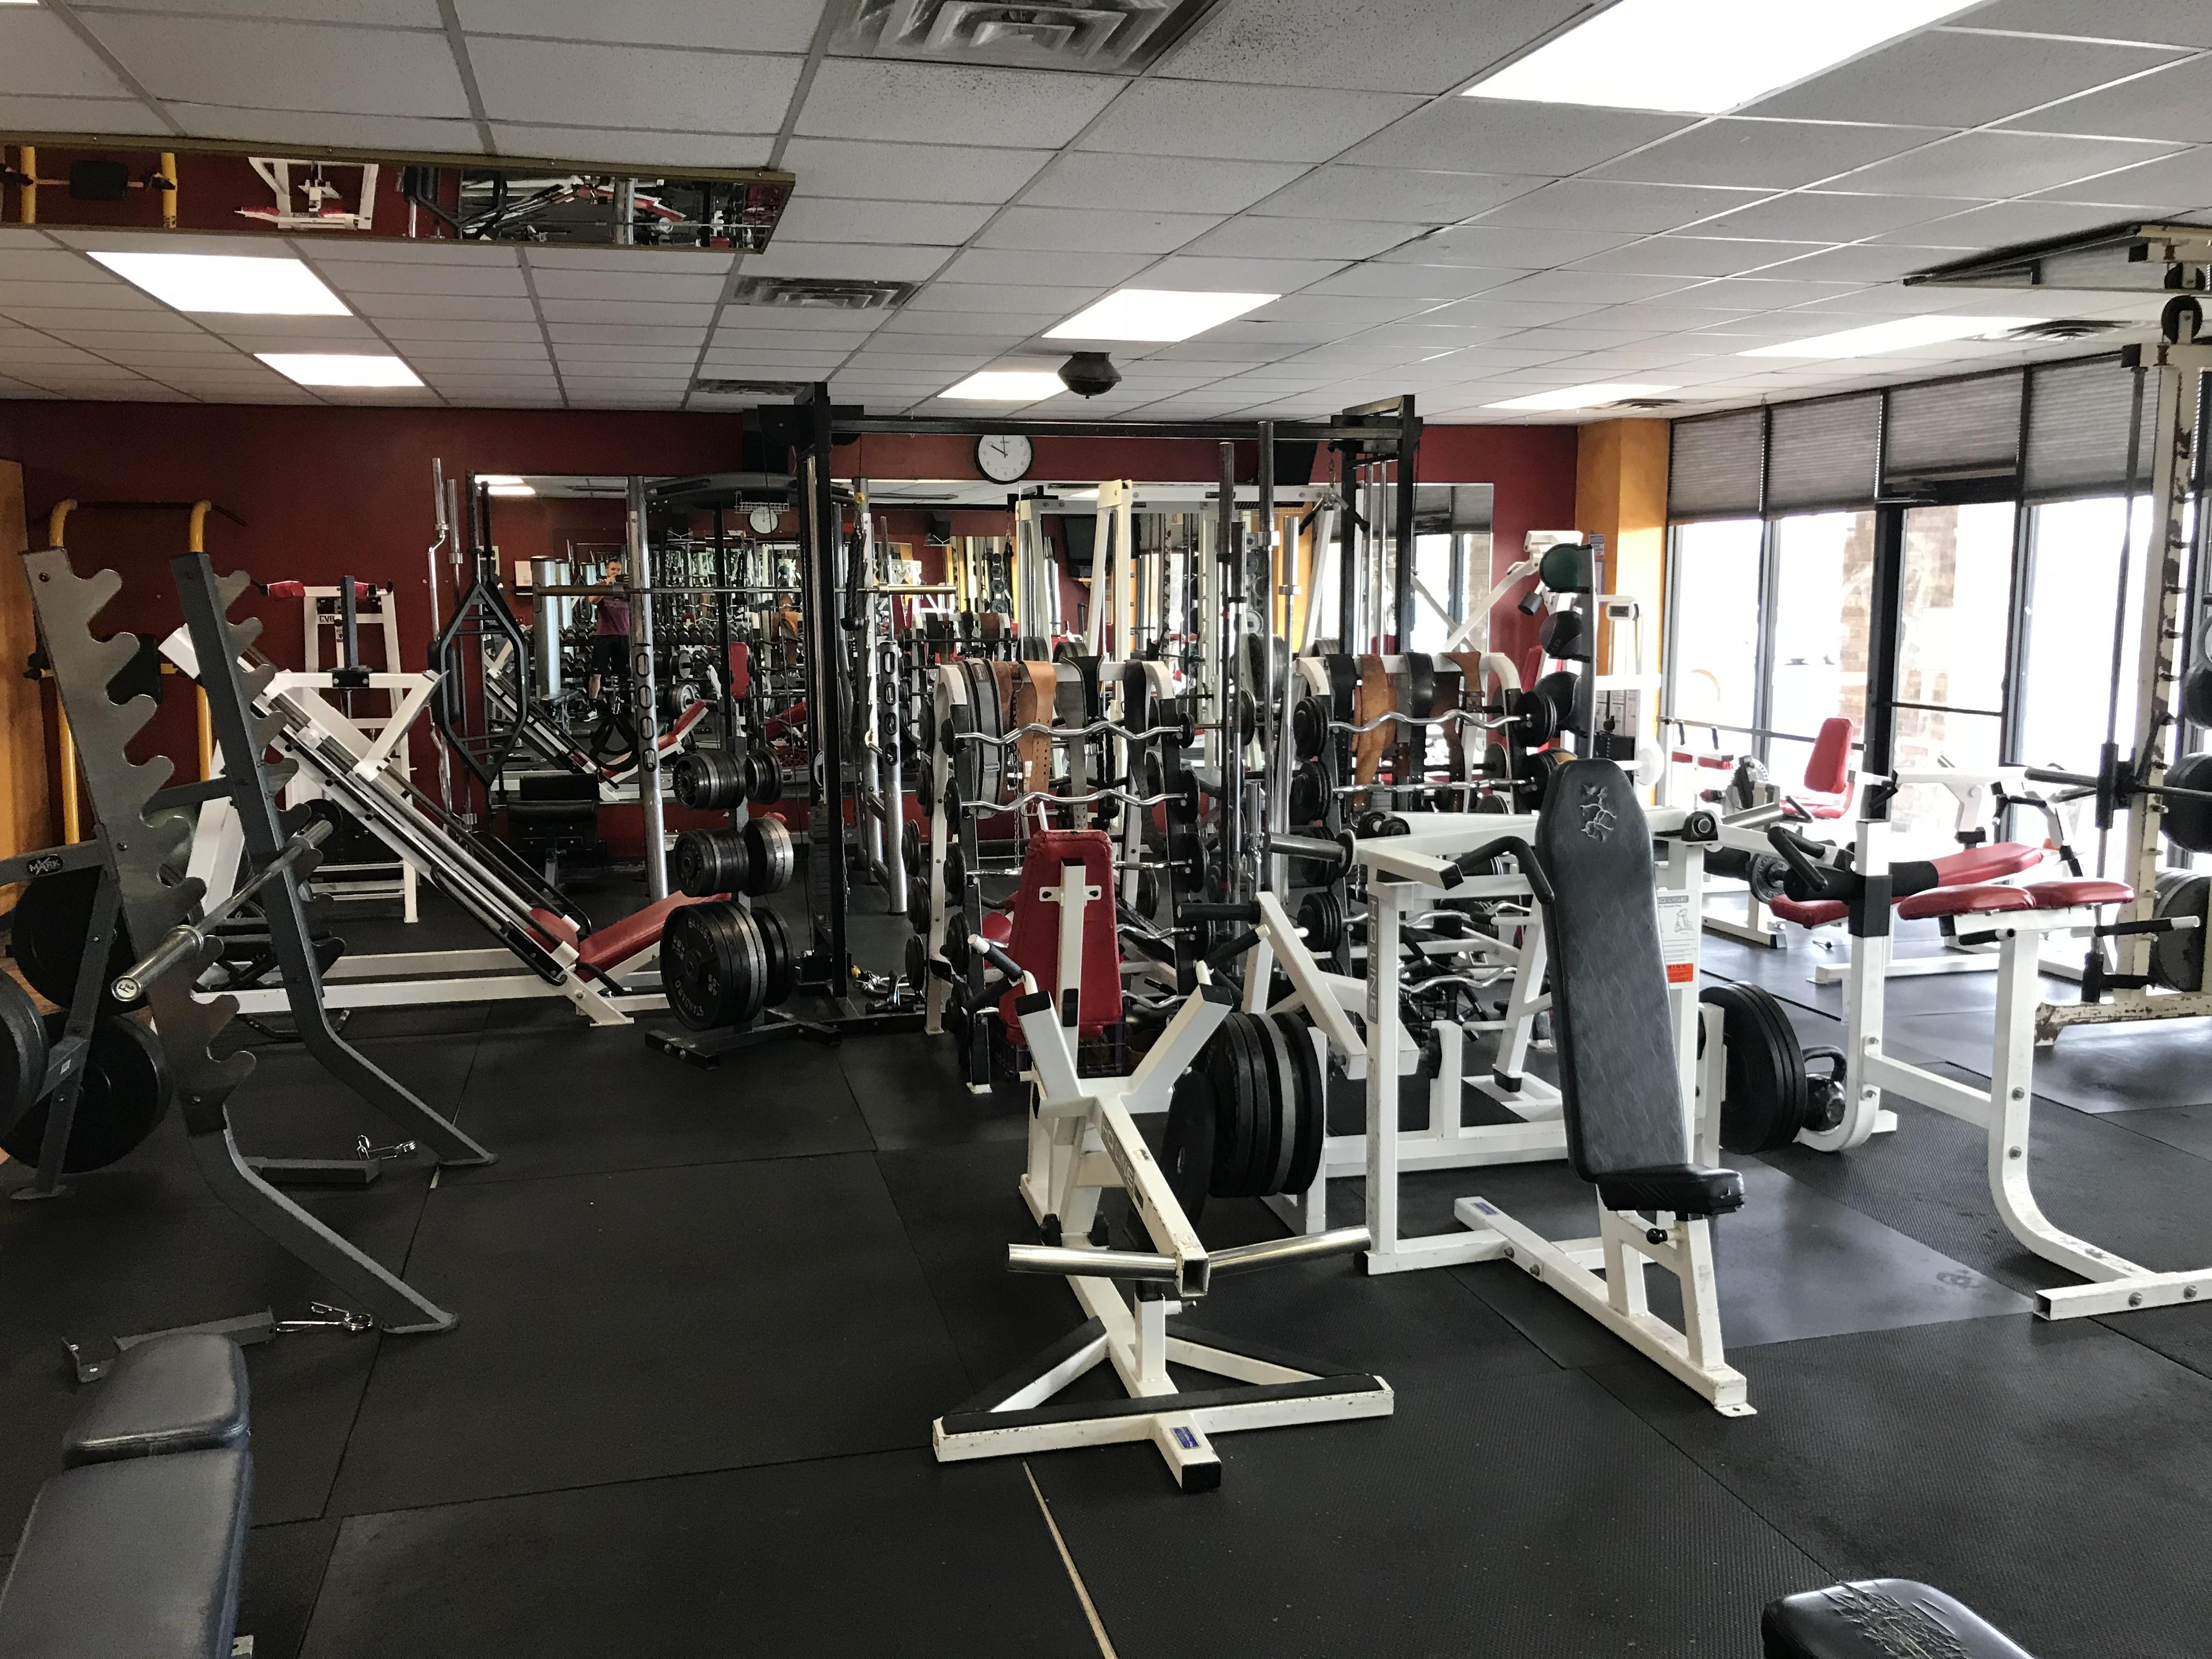 Gym and Fitness Studio